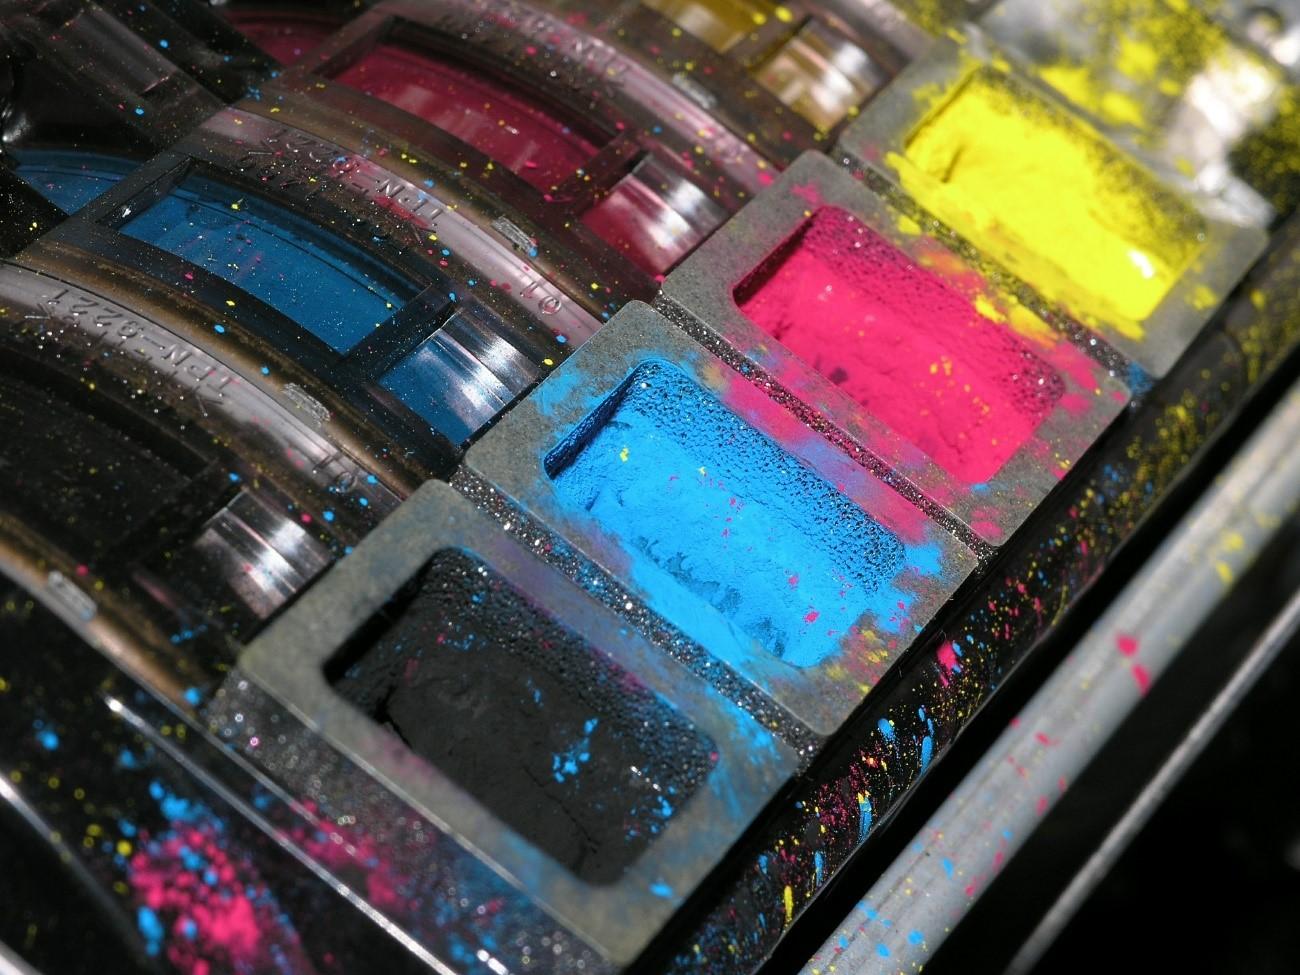 cómo reciclar cartuchos de tinta